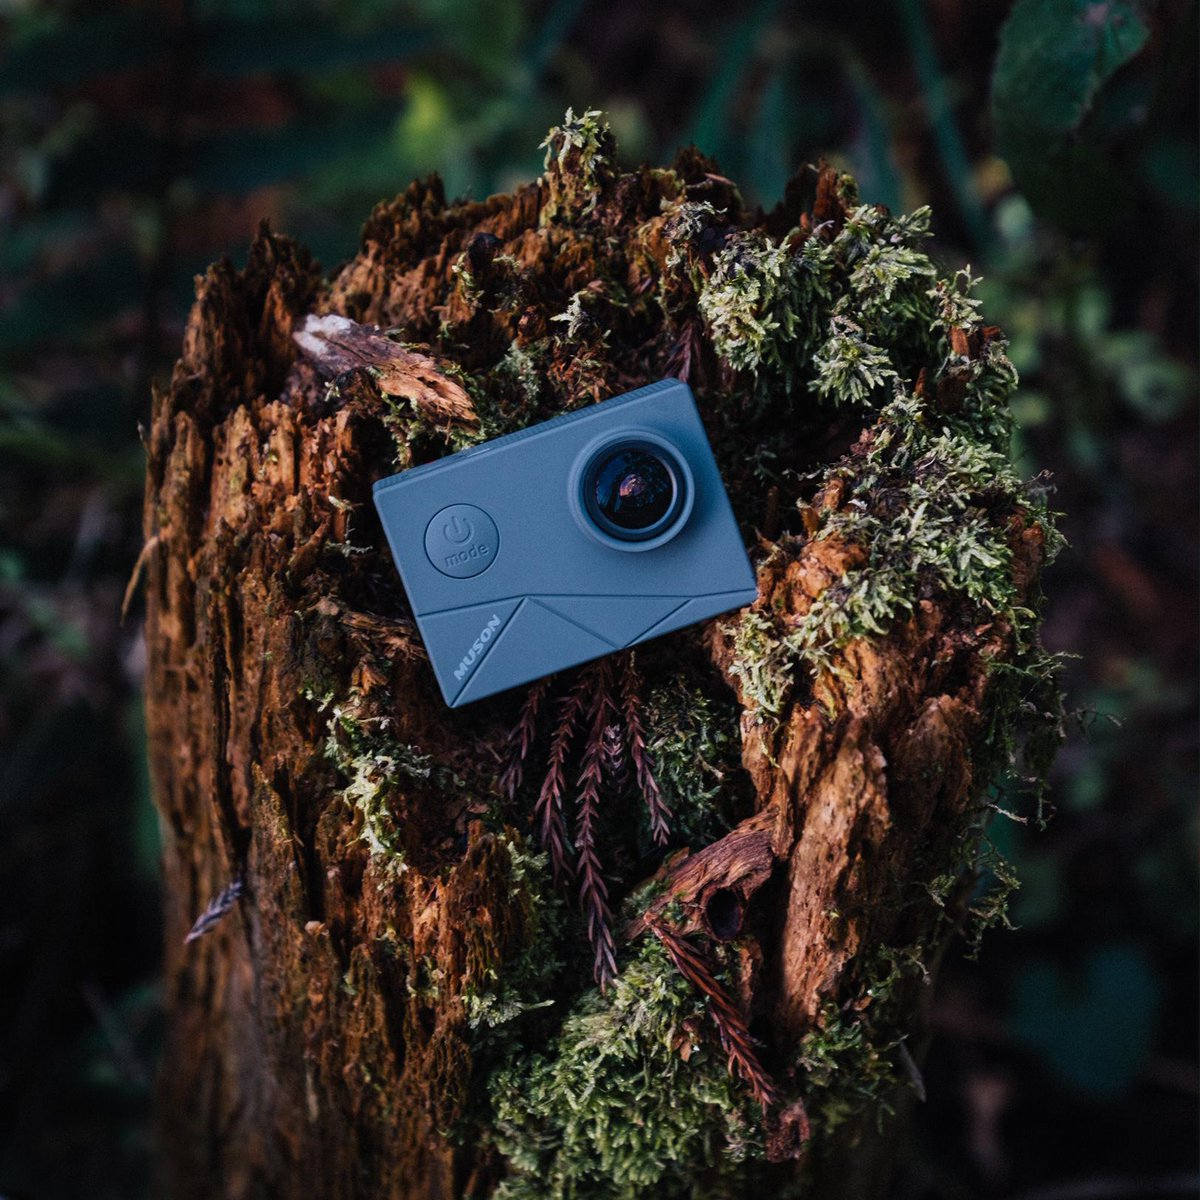 新品アクションカメラ #MAX1 が正式に登場しますよ👏 かわいいや〜ん🤣💞 SONYセンサー搭載、1200万画素📸 ご自身も気にいる画質ですのでおすすめ🙈 皆さん、今日も良い一日を️☺️  製品️  #アクションカメラ #新品